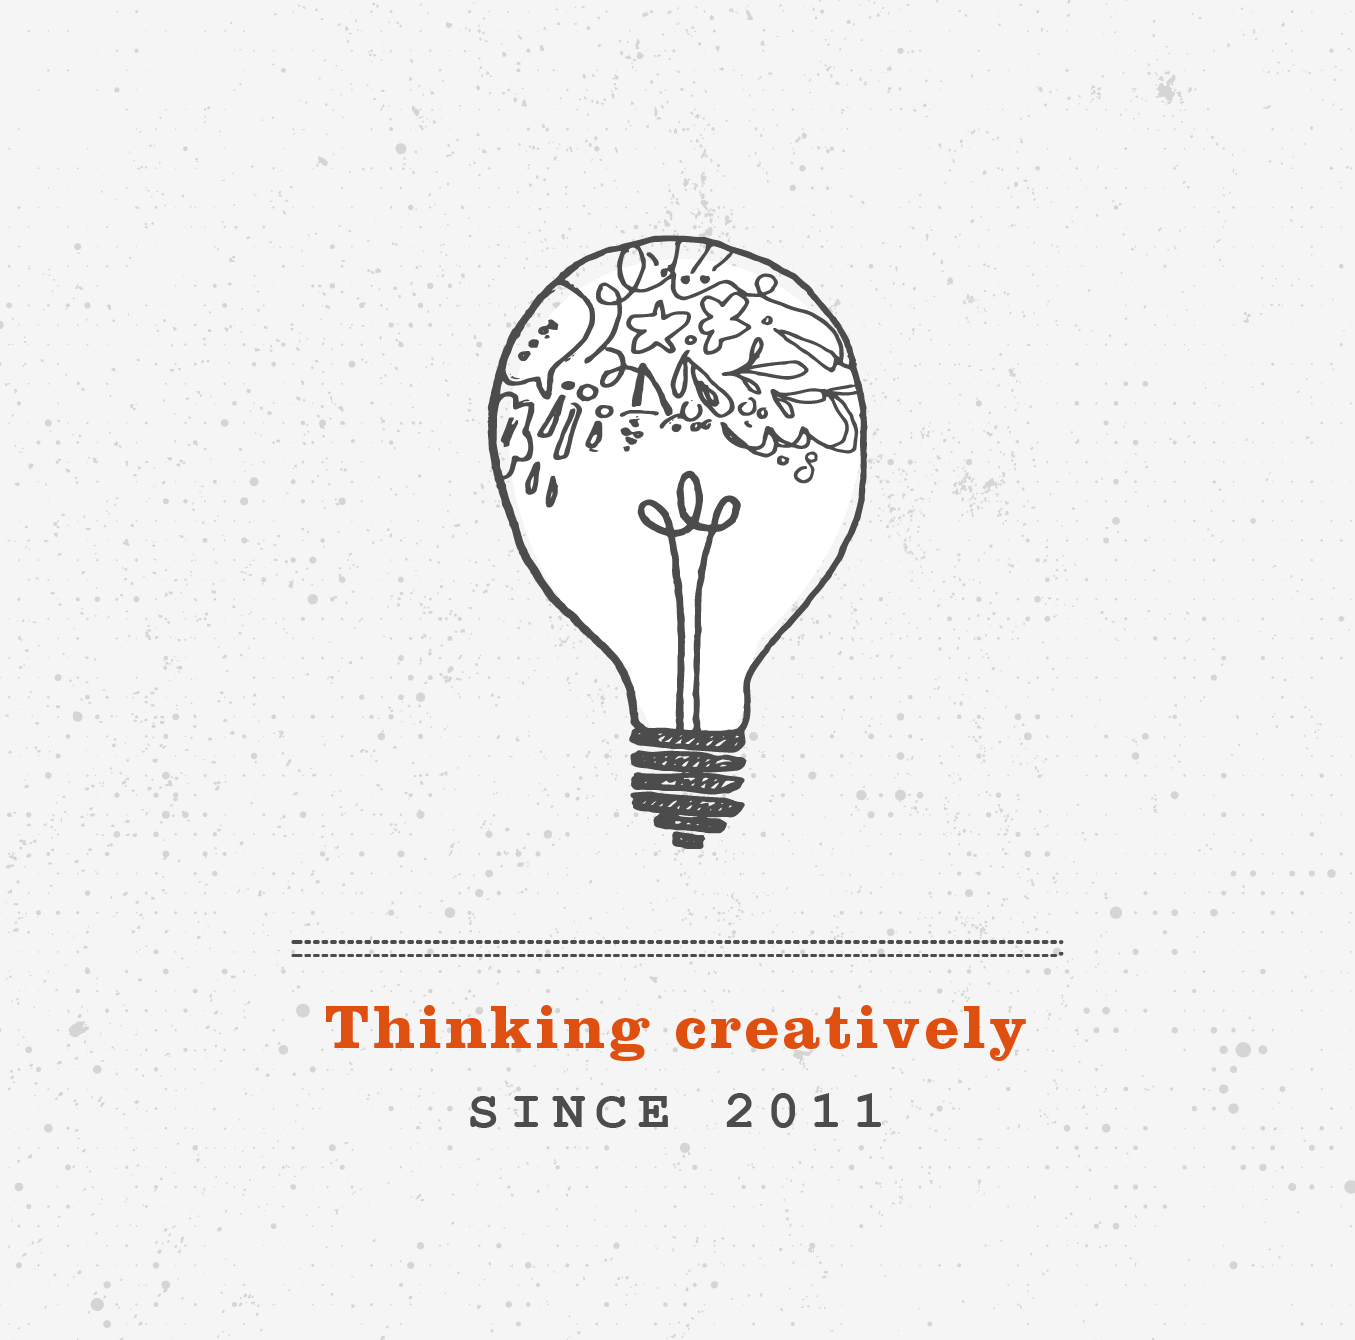 Thinking creatively since 2011 • 237 Marketing + Web